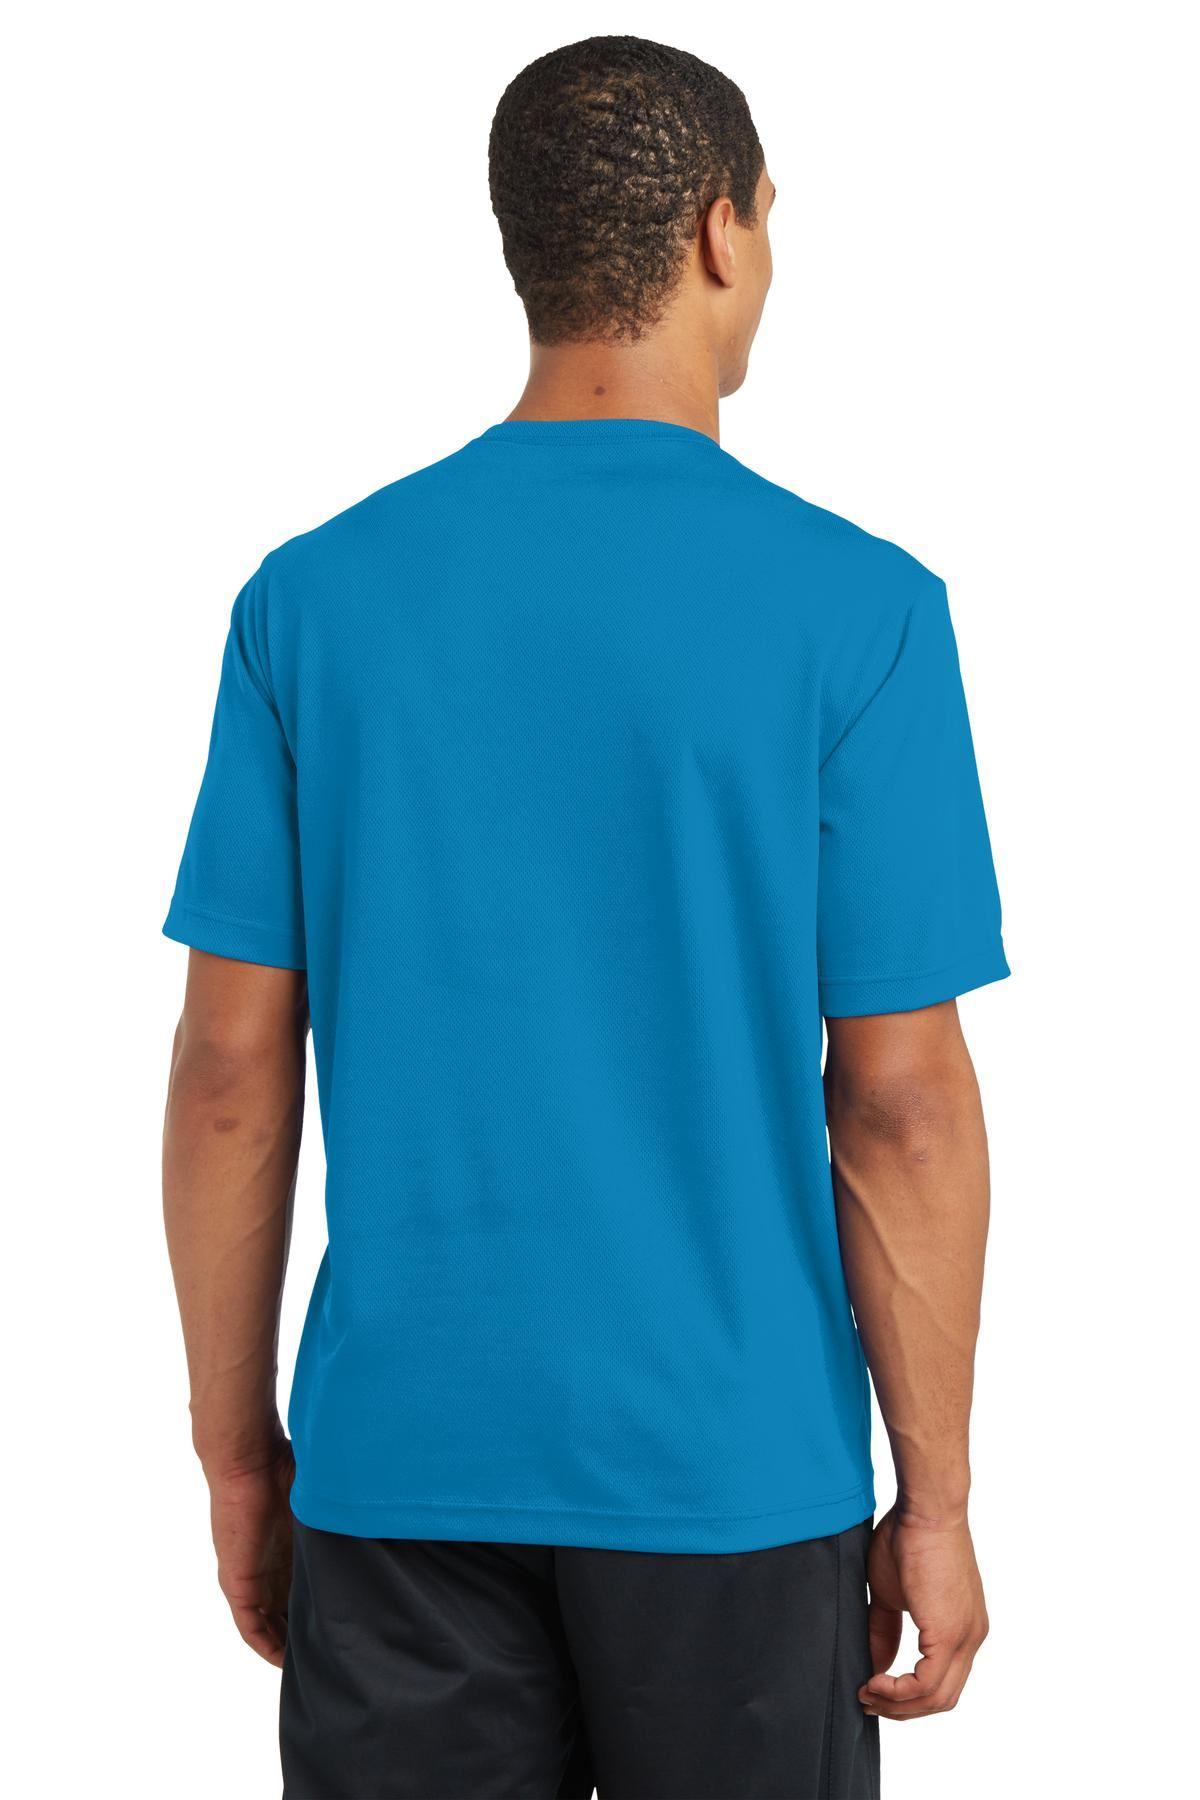 thumbnail 26 - Sport-Tek Men's Dry-Fit RacerMesh Moisture Wicking T-Shirt M-ST340